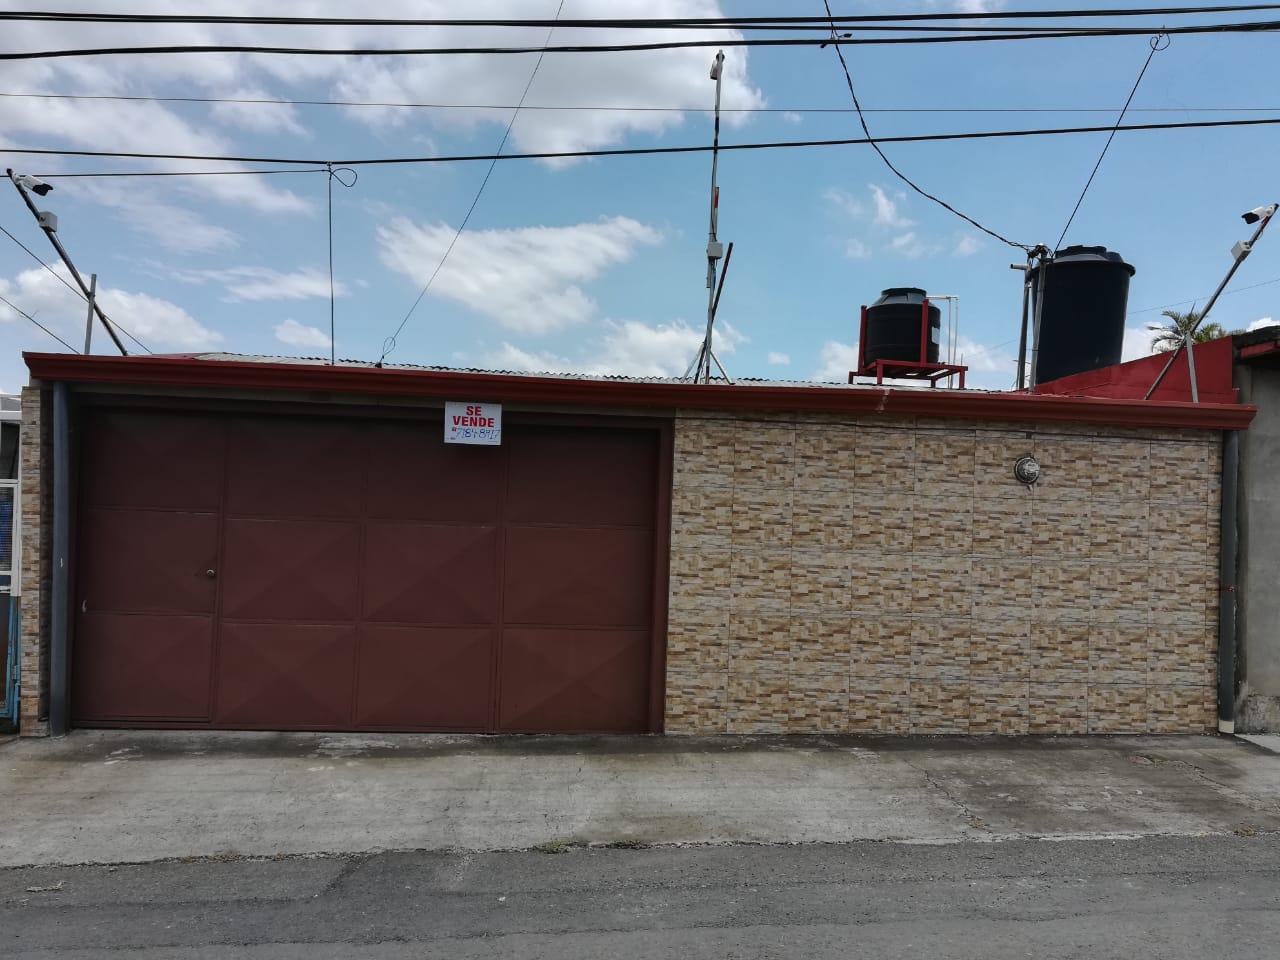 2287 Vendo casa de una planta  + apartamento en San Joaquín